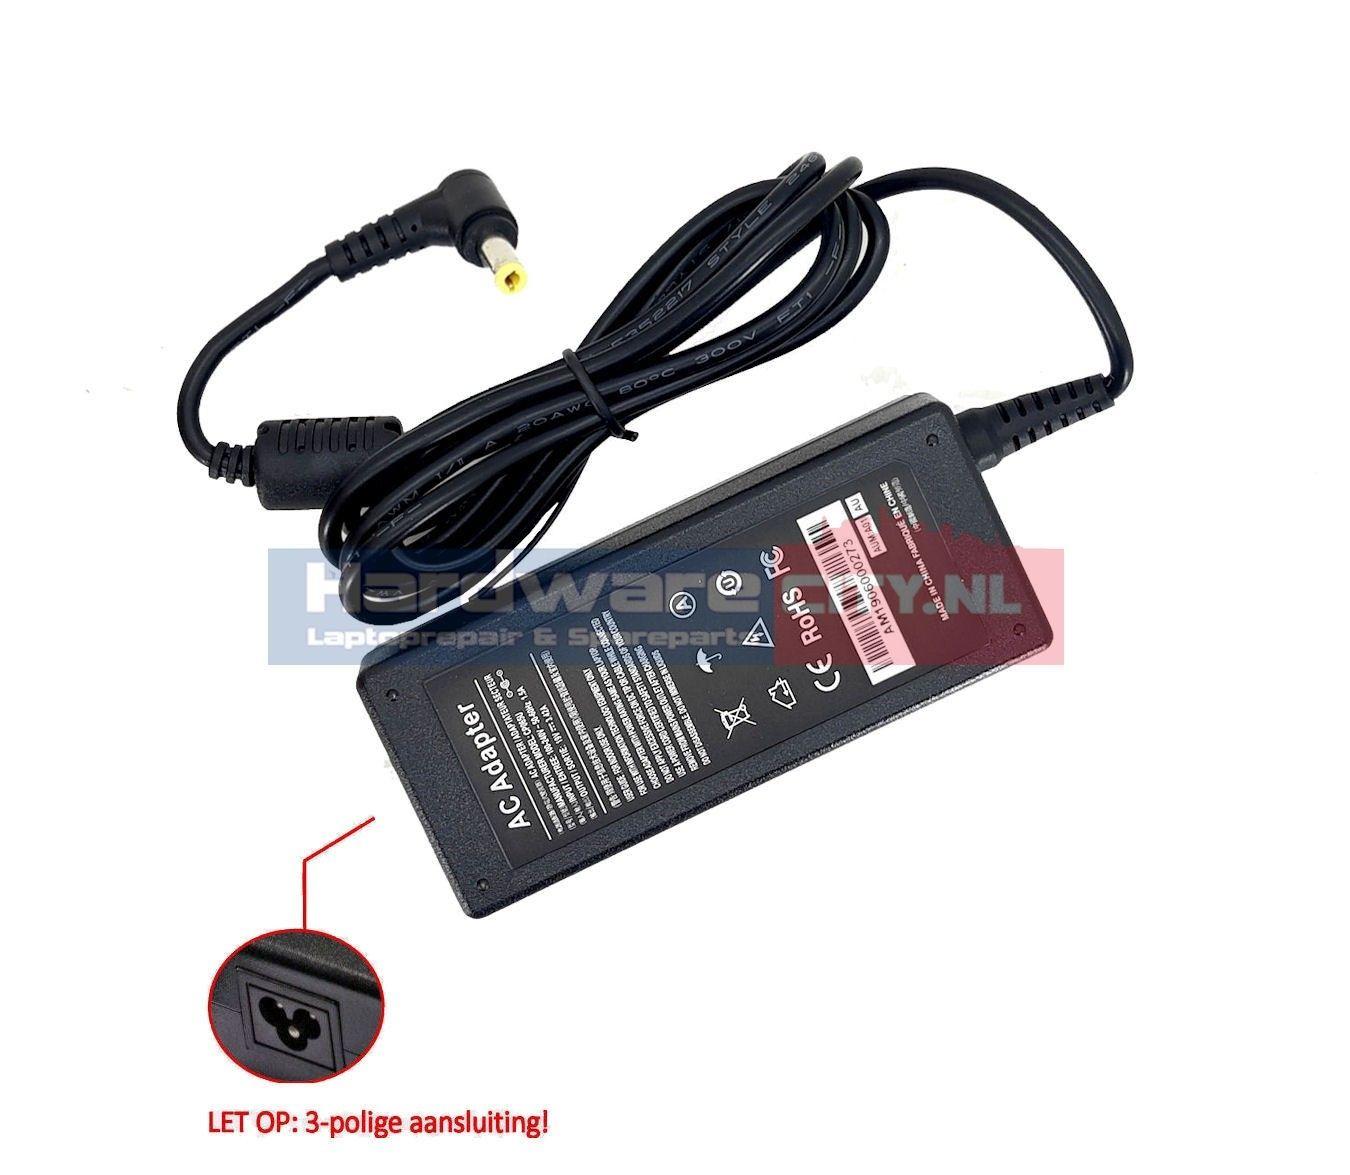 Packard Bell AC Adapter 19V 3.42A 65W (5.5 x 2.5mm)